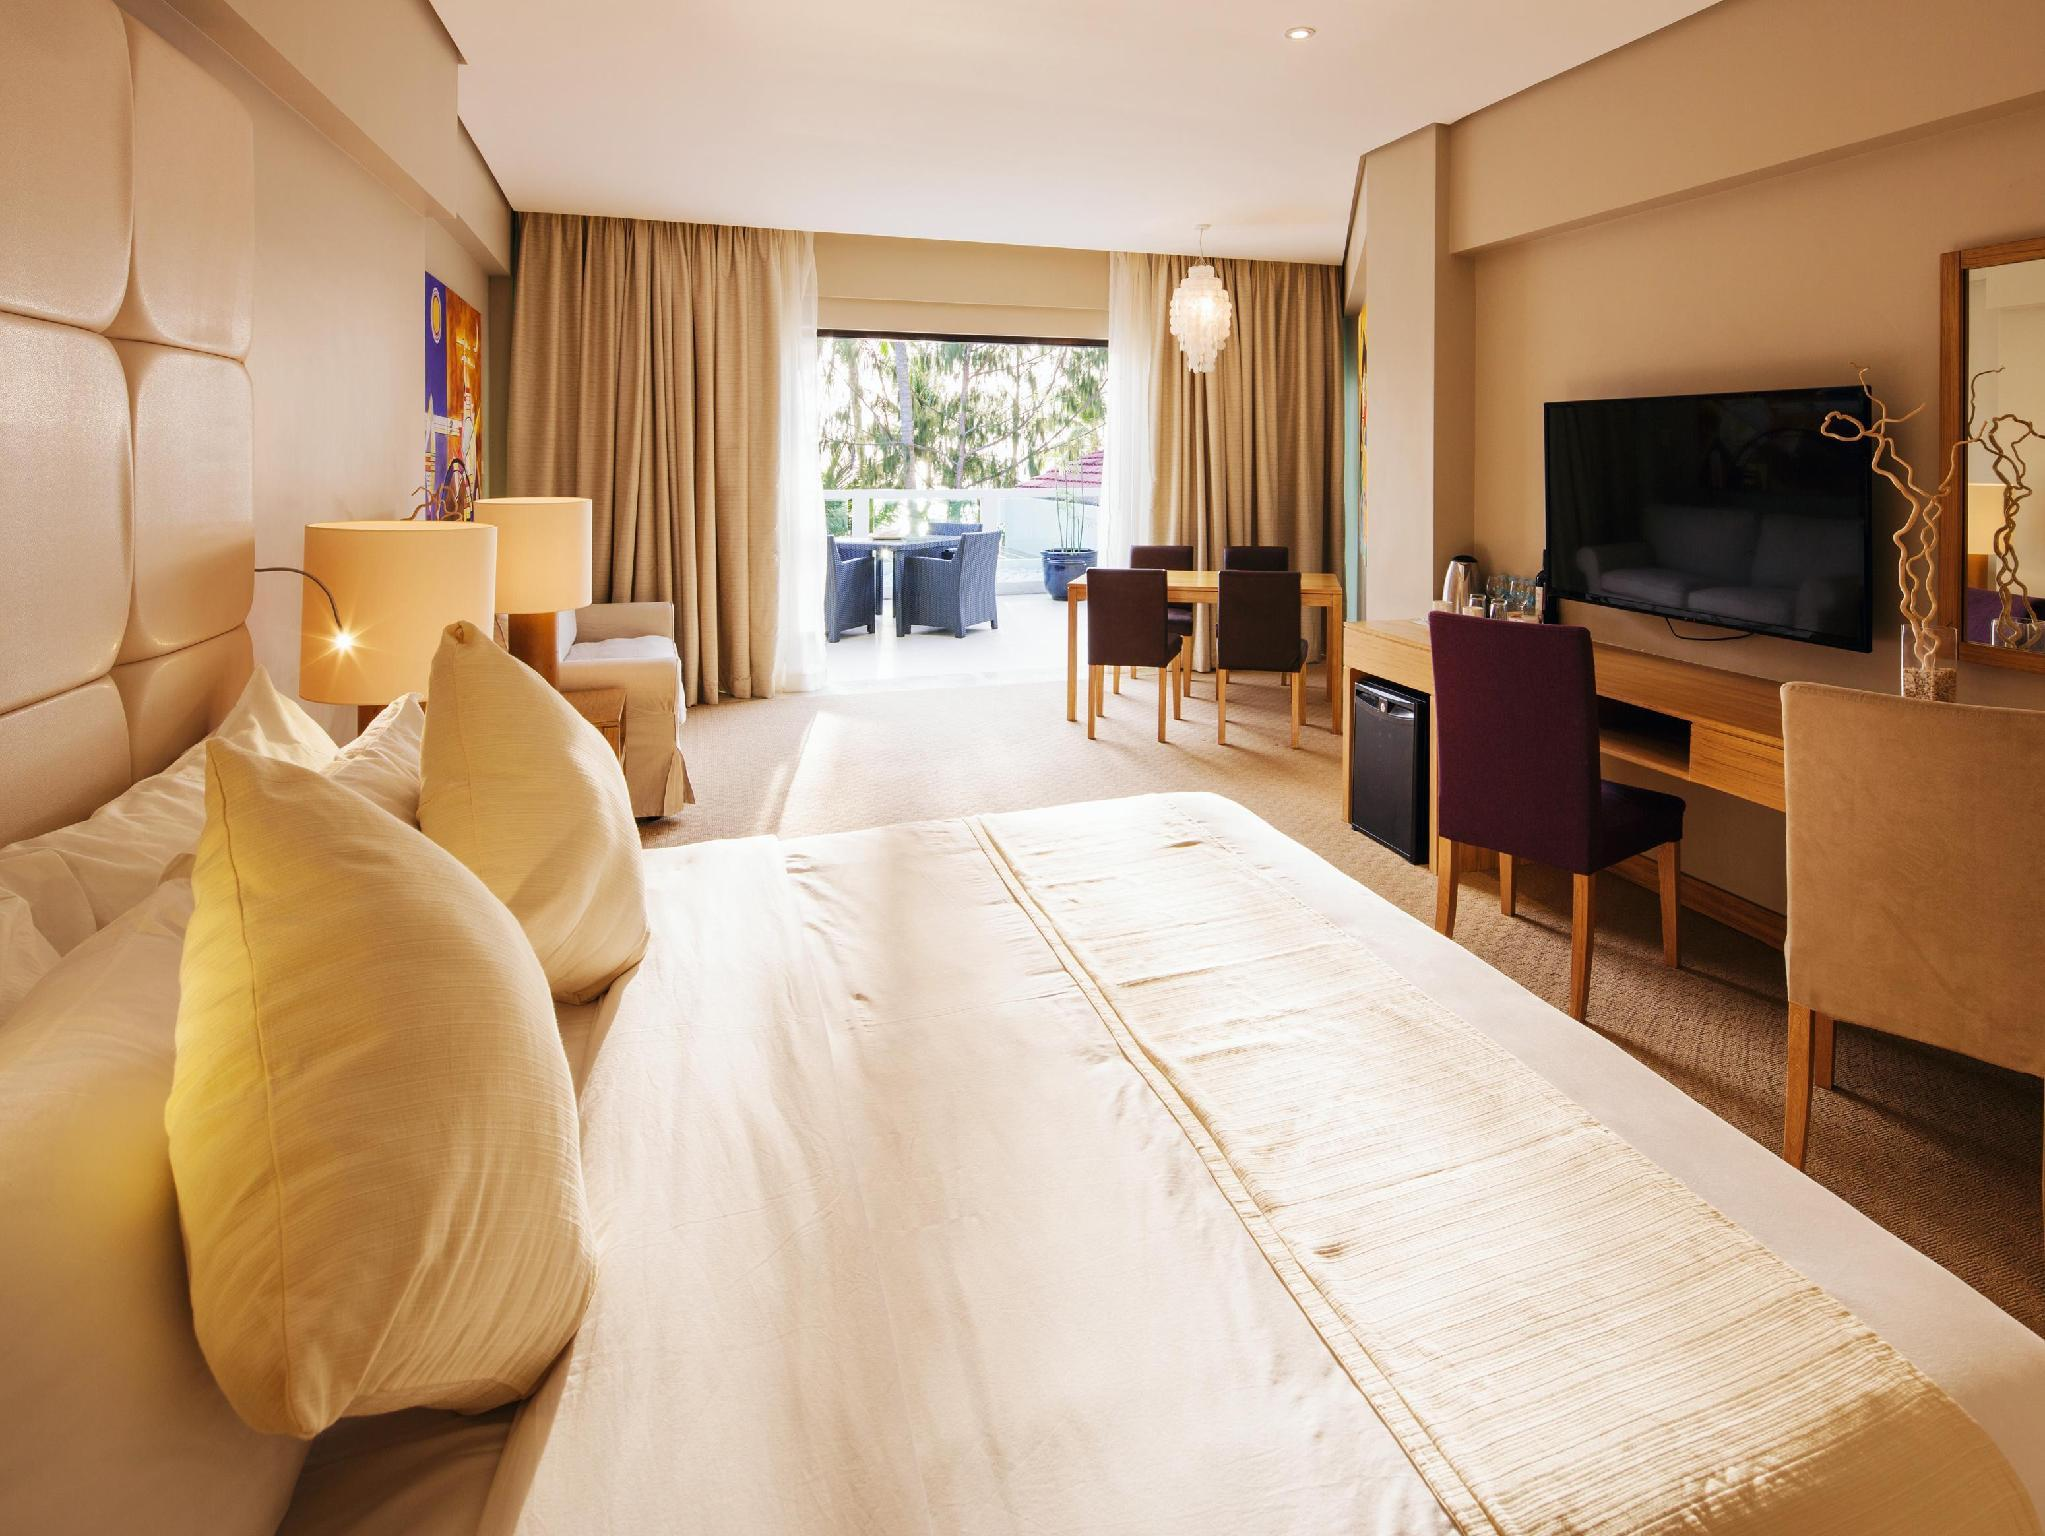 Best price on villa caemilla beach boutique hotel in for Best beach boutique hotels